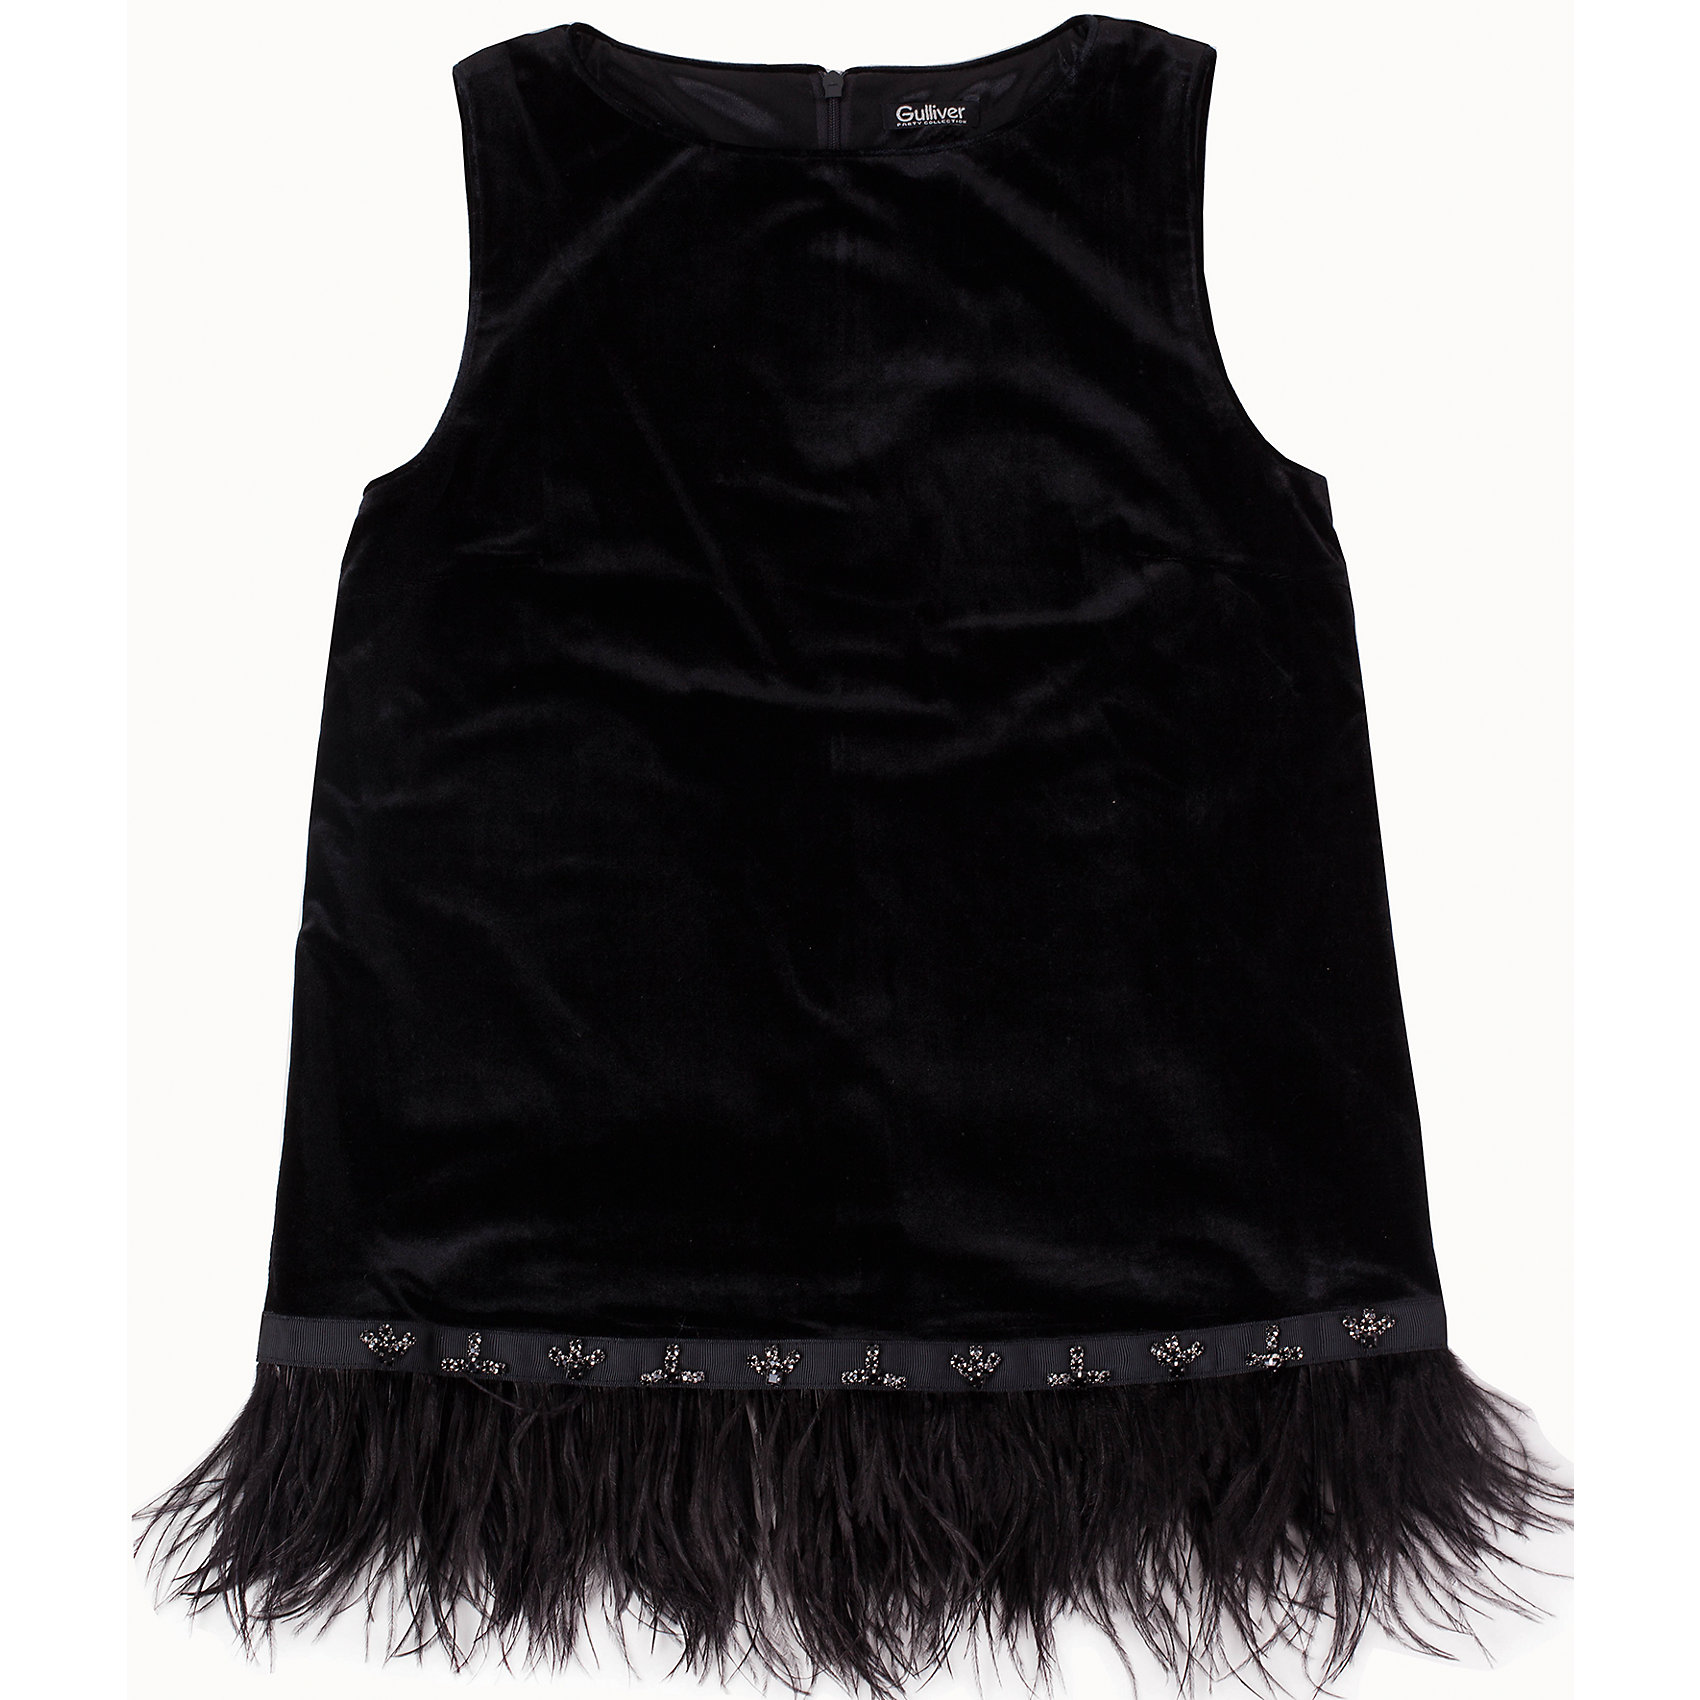 Блузка для девочки GulliverОдежда<br>Блузка для девочки от известного бренда Gulliver.<br>Ох уж, эти модницы… Их гардероб пестрит нарядами, но разве можно пройти мимо новой блузки? Оригинальные и экстравагантные блузки - предмет их особой гордости! Если вы хотите быть на одной волне с девочкой-подростком, вам стоит купить черную блузку из бархата и перьев! В компании с блестящими брюками, блузка будет выглядеть безупречно, создавая красивый благородный комплект. Также, она вполне уместна в сочетании с джинсами. Это будет выглядеть менее пафосно, но не менее стильно и привлекательно!<br>Состав:<br>верх: 95% полиэстер 5% эластан; подкладка: 100% полиэстер<br><br>Ширина мм: 186<br>Глубина мм: 87<br>Высота мм: 198<br>Вес г: 197<br>Цвет: черный<br>Возраст от месяцев: 156<br>Возраст до месяцев: 168<br>Пол: Женский<br>Возраст: Детский<br>Размер: 164,146,152,158<br>SKU: 5103524